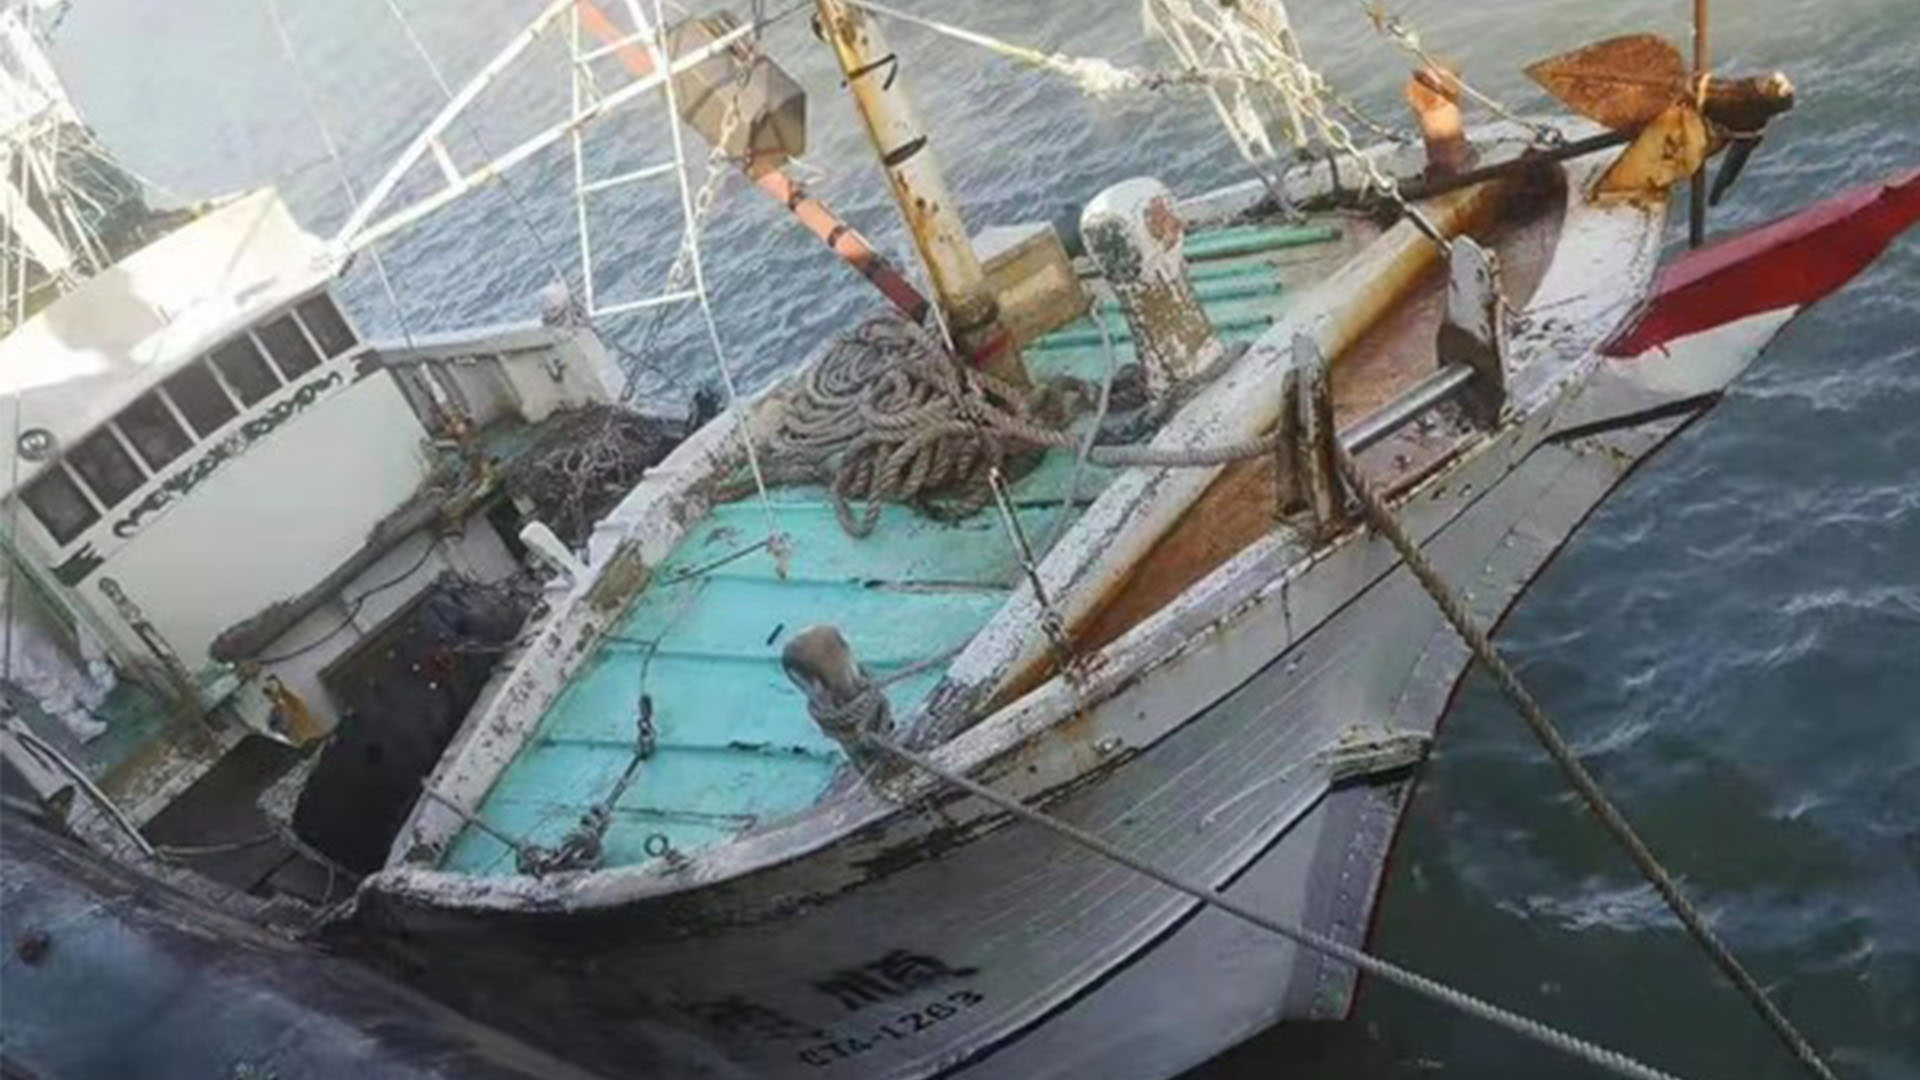 福建平潭有关方面紧急救援一艘遇险台湾渔船